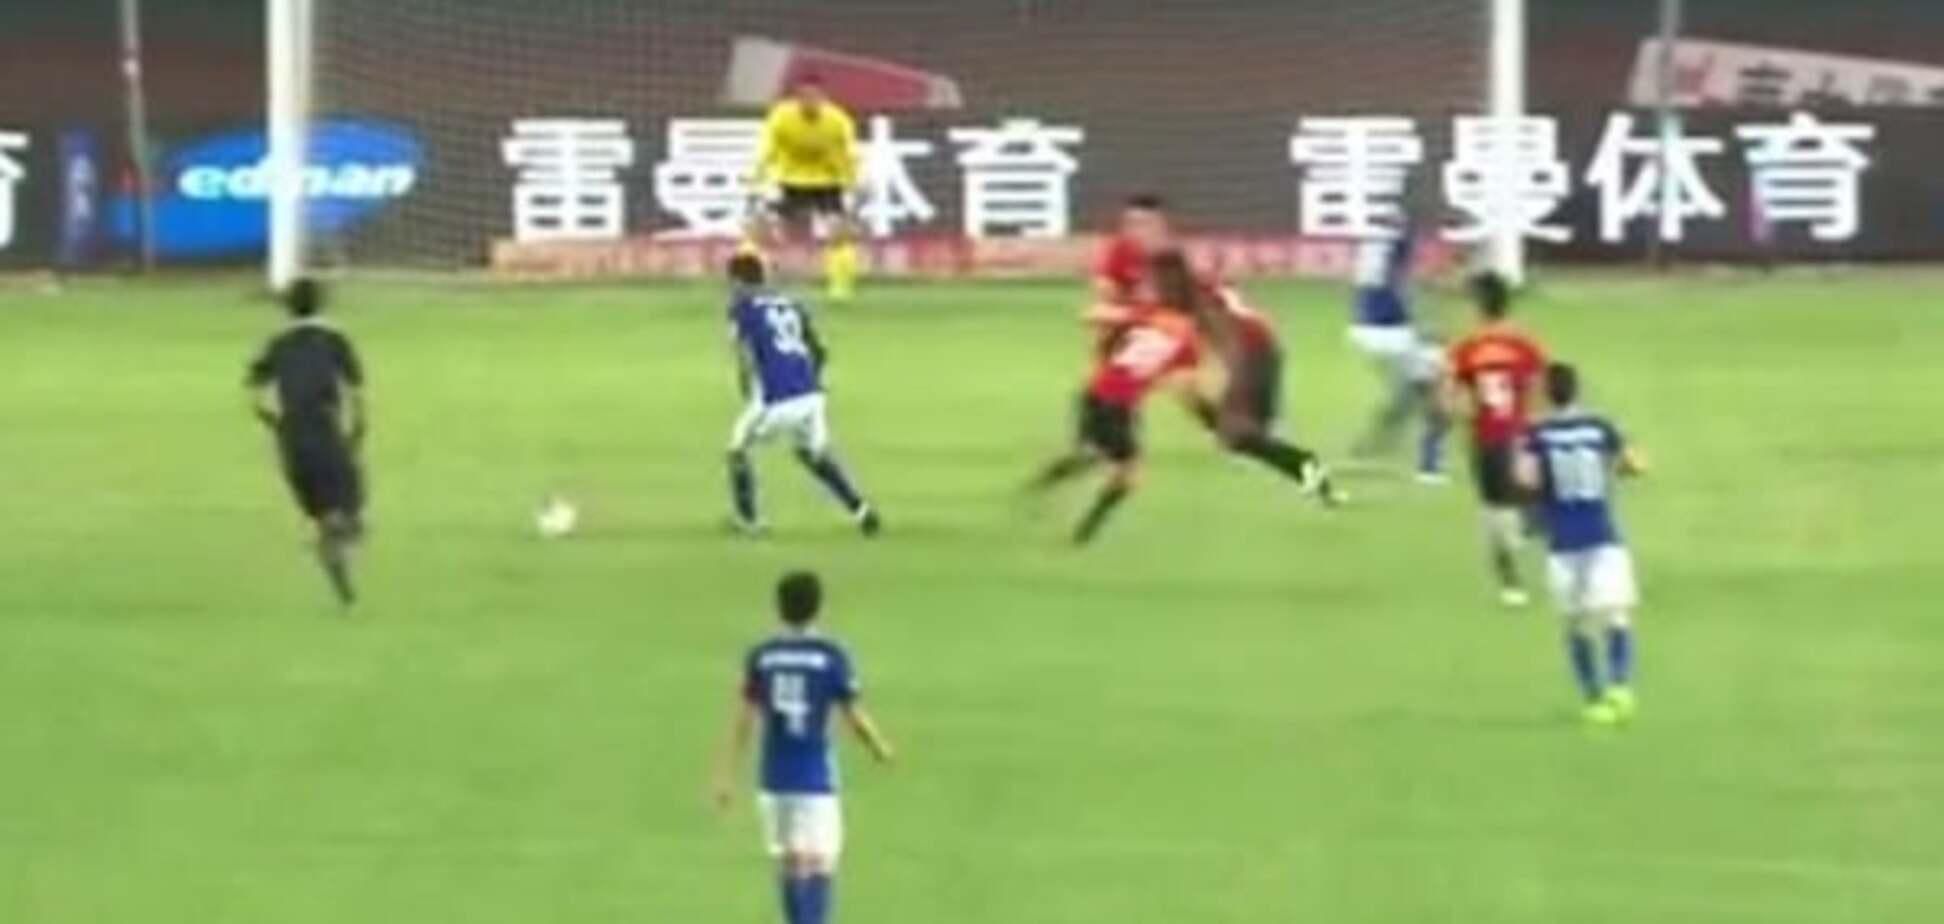 Экс-футболист 'Днепра' забил роскошный дебютный гол за новый клуб: видео шедевра